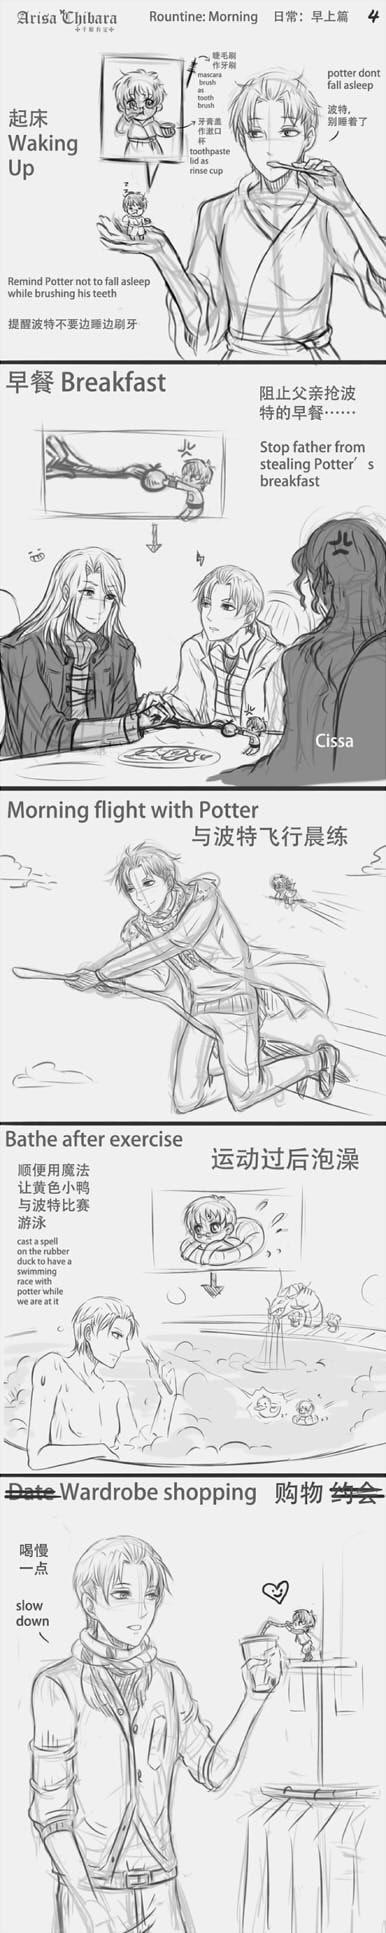 Drarry DoujinManga Pet Potter 04 ROUTINES by arisa-chibara